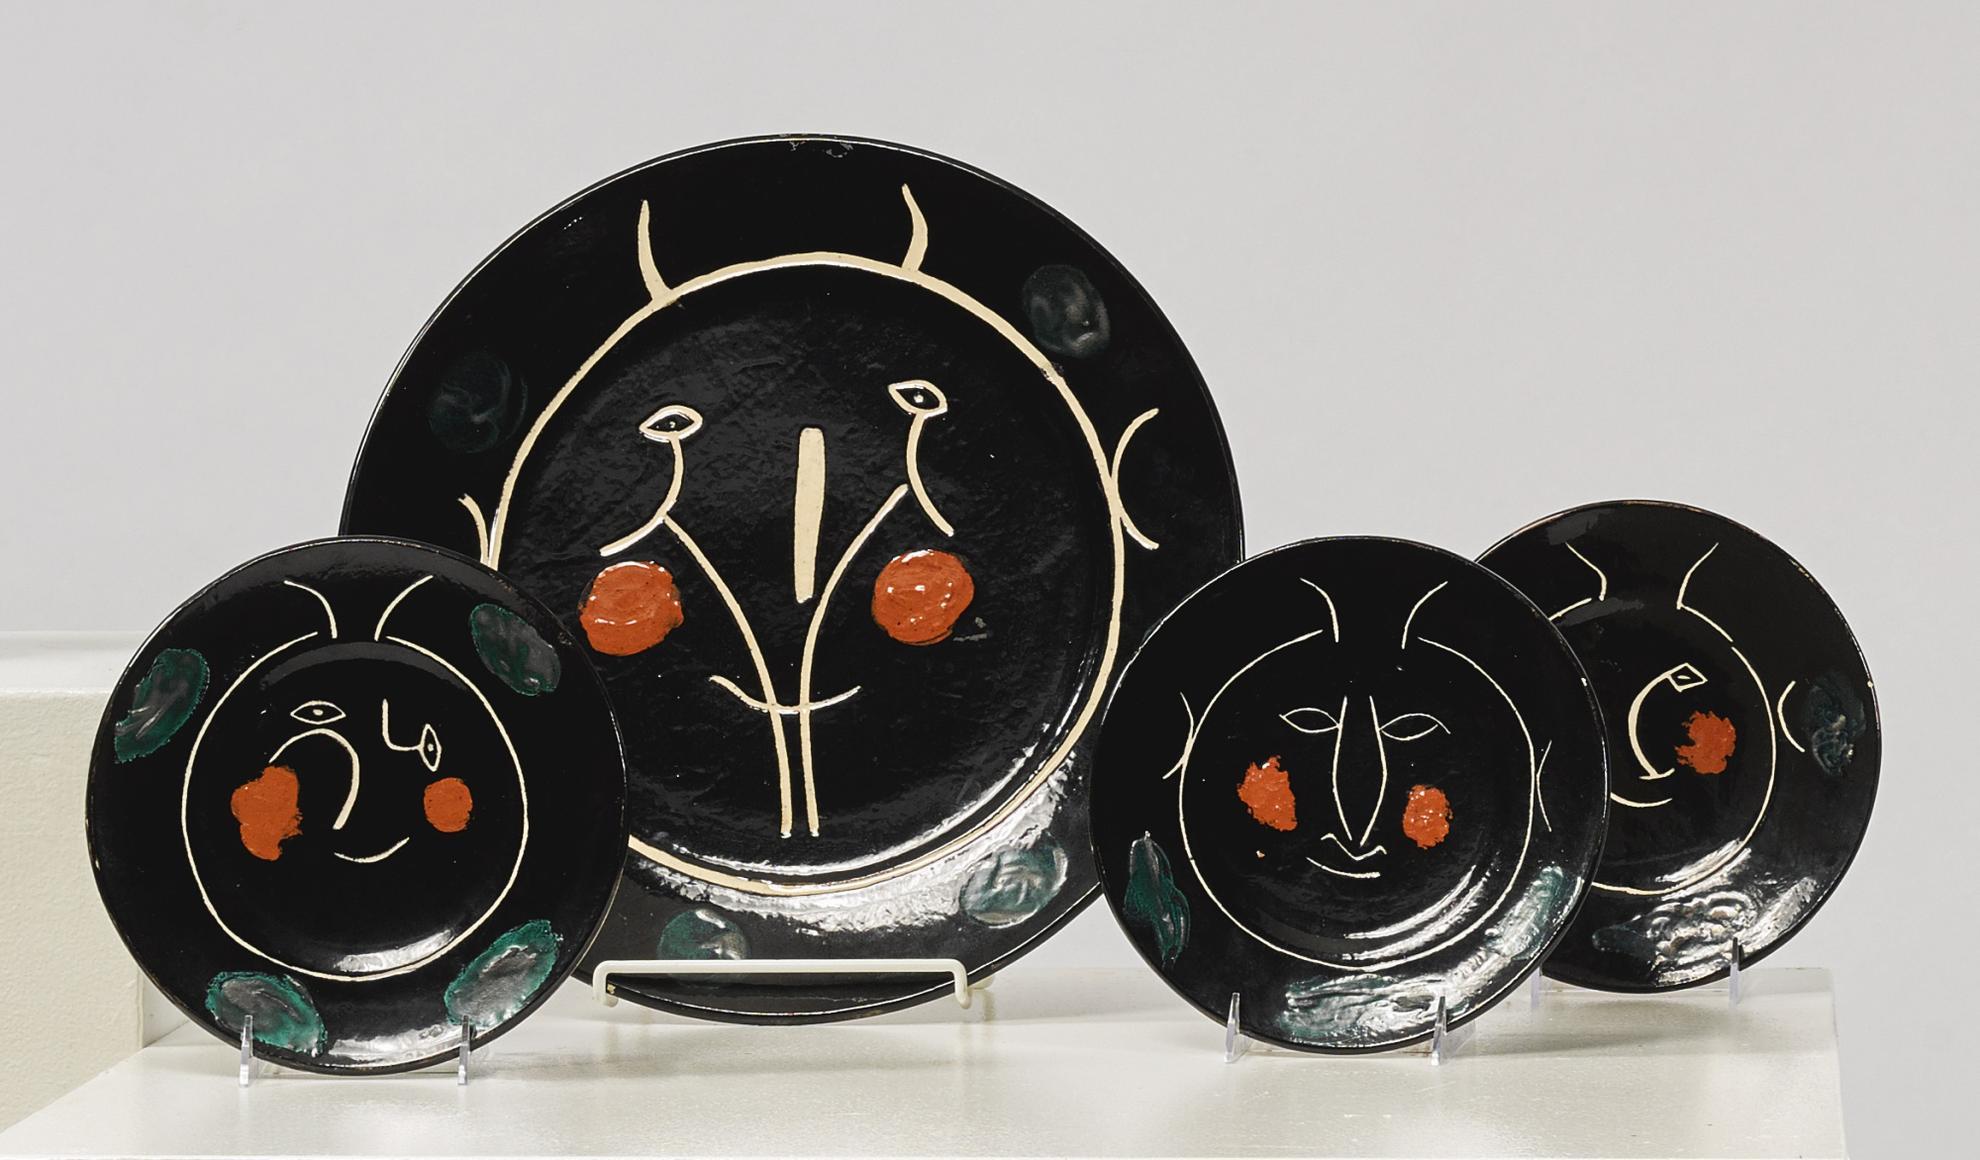 Pablo Picasso-Service Visage Noir (A.R. 35, 37, 39, 41, 43 - 47)-1948